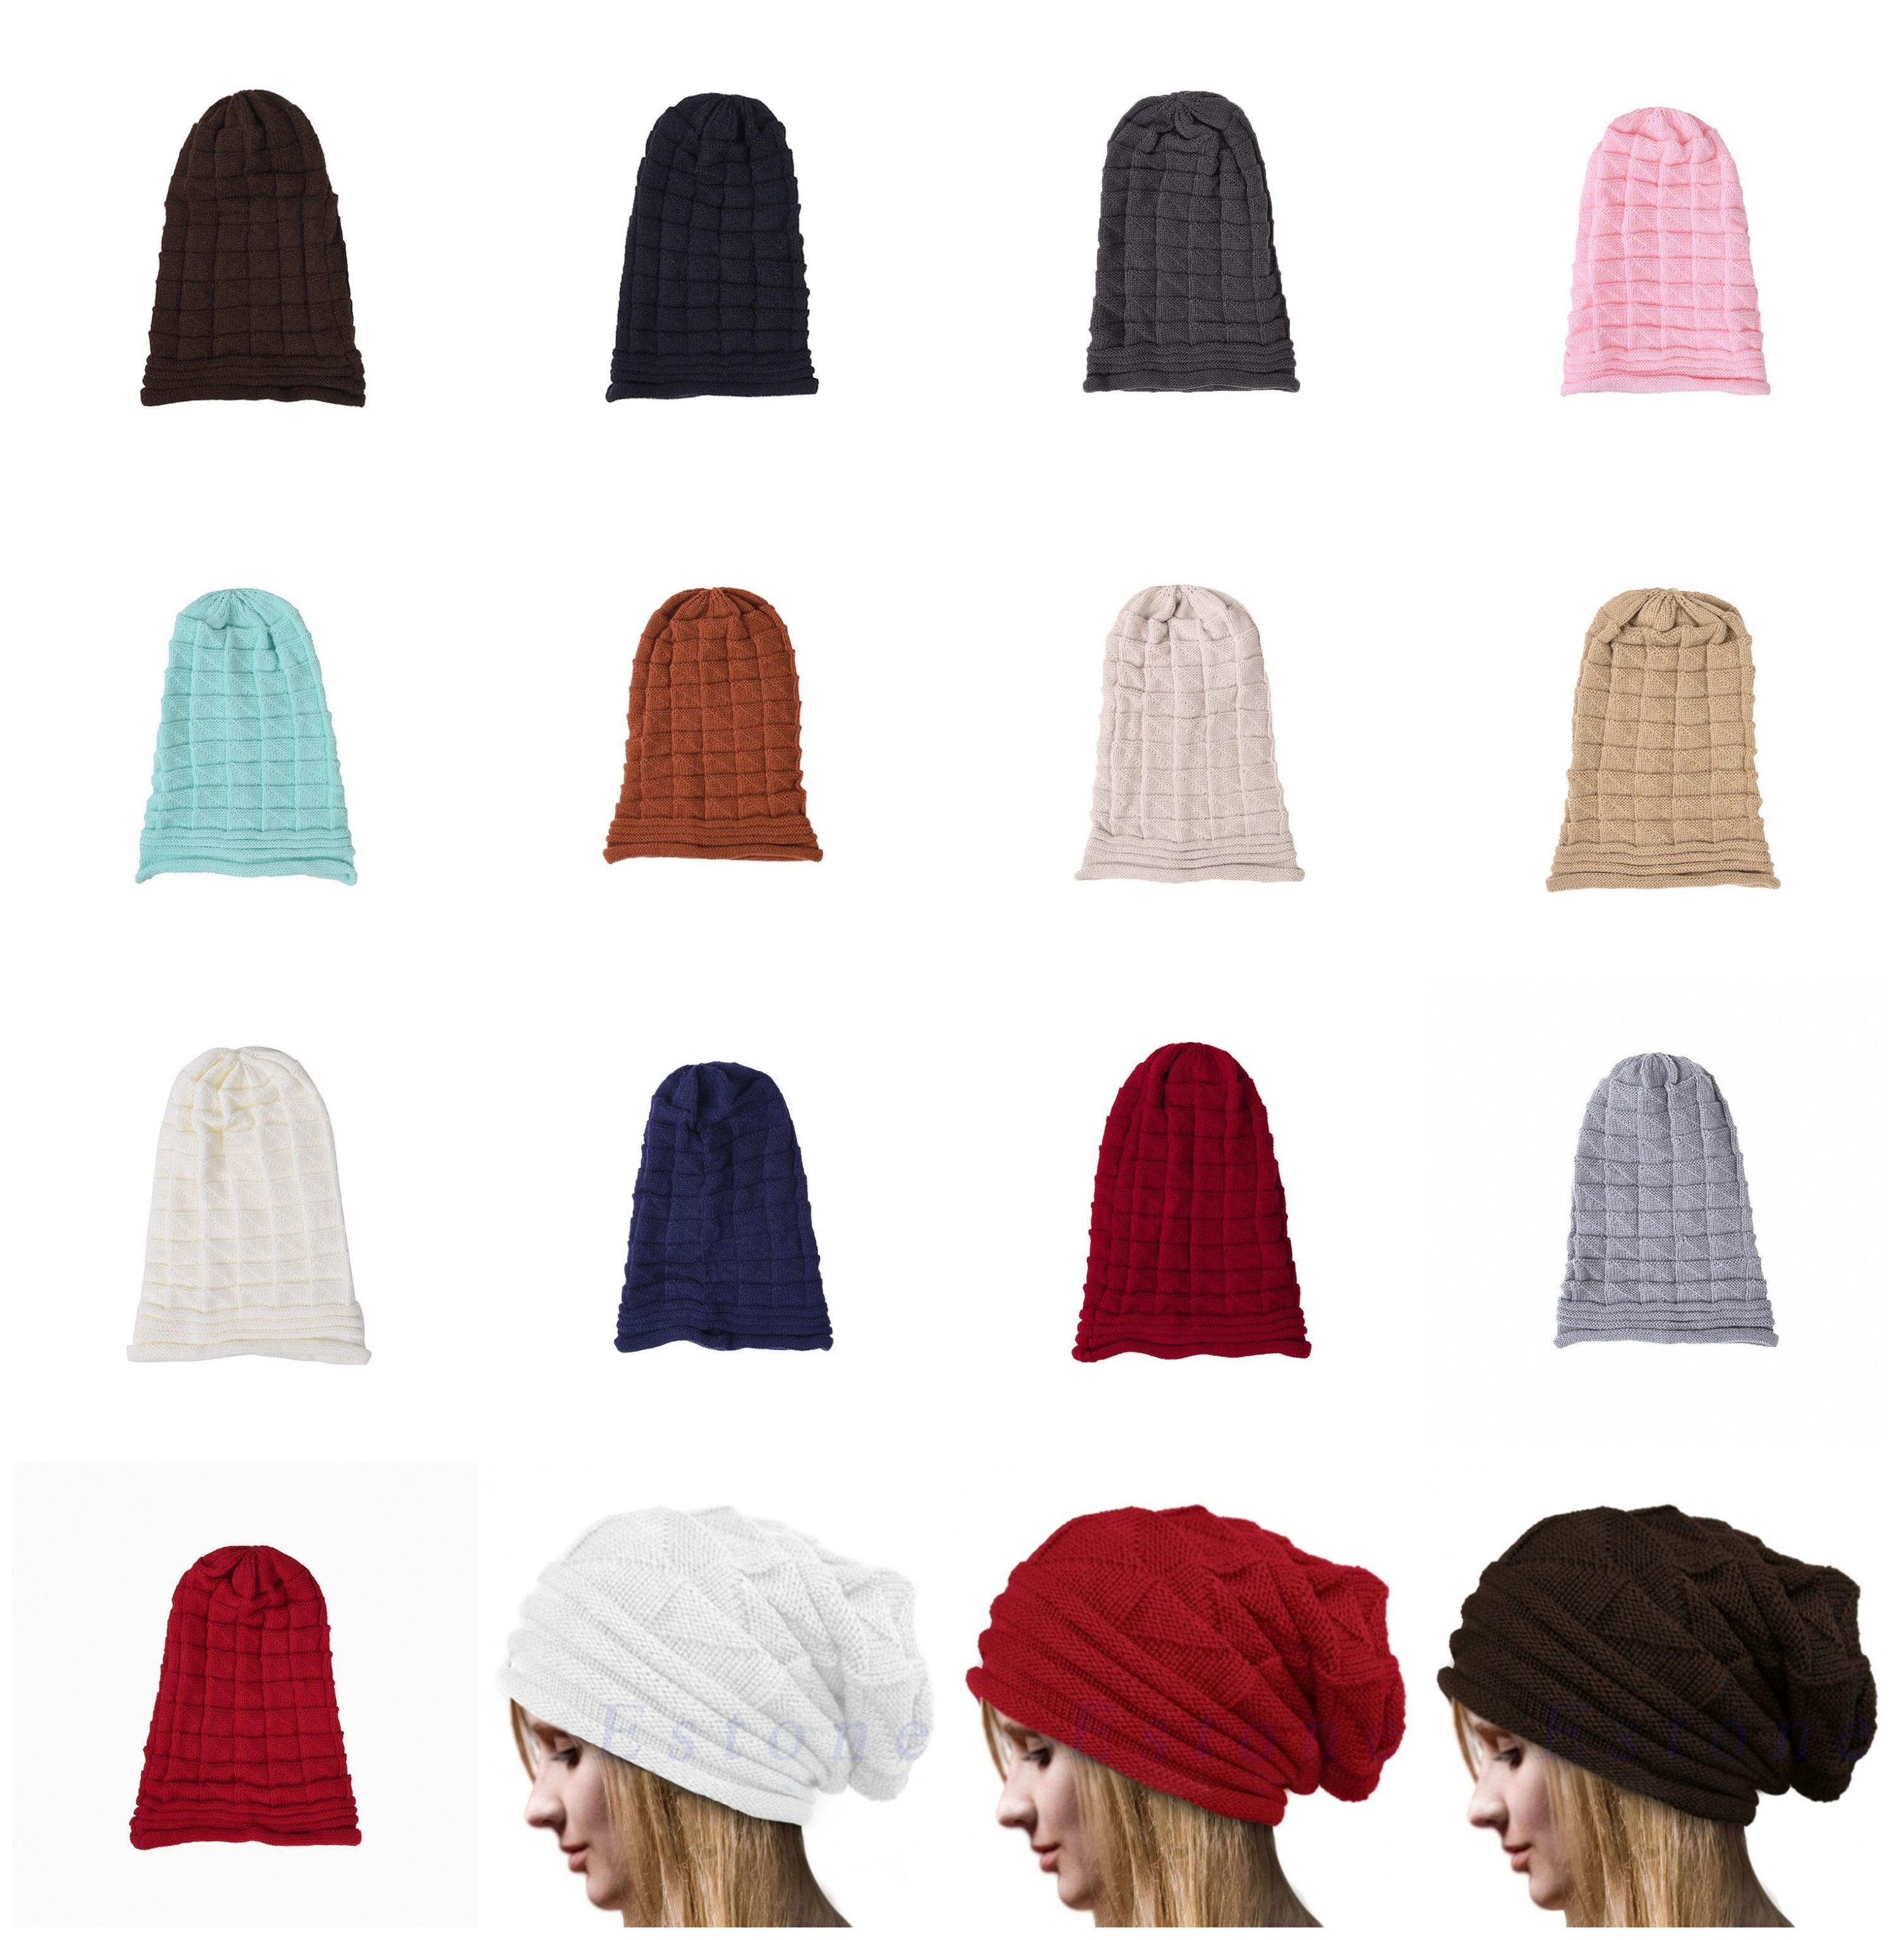 Winter Warm Beanie Hat Casual Crochet Slouchy Oversized Outside Ski Cap Knit Wool Hats For Women Men